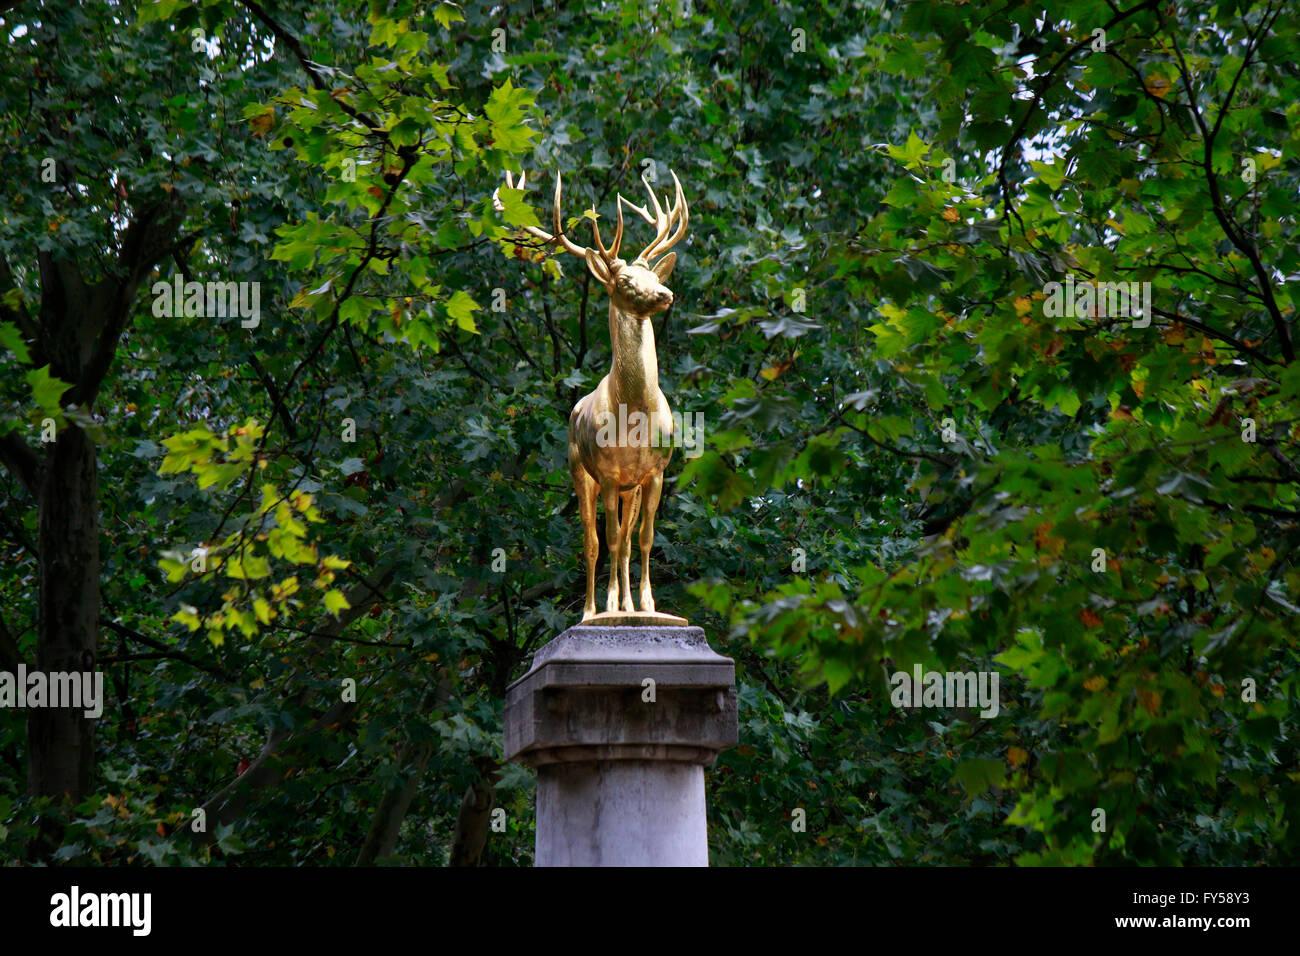 Goldener Hirsch, Berlin-Schoenberg. - Stock Image